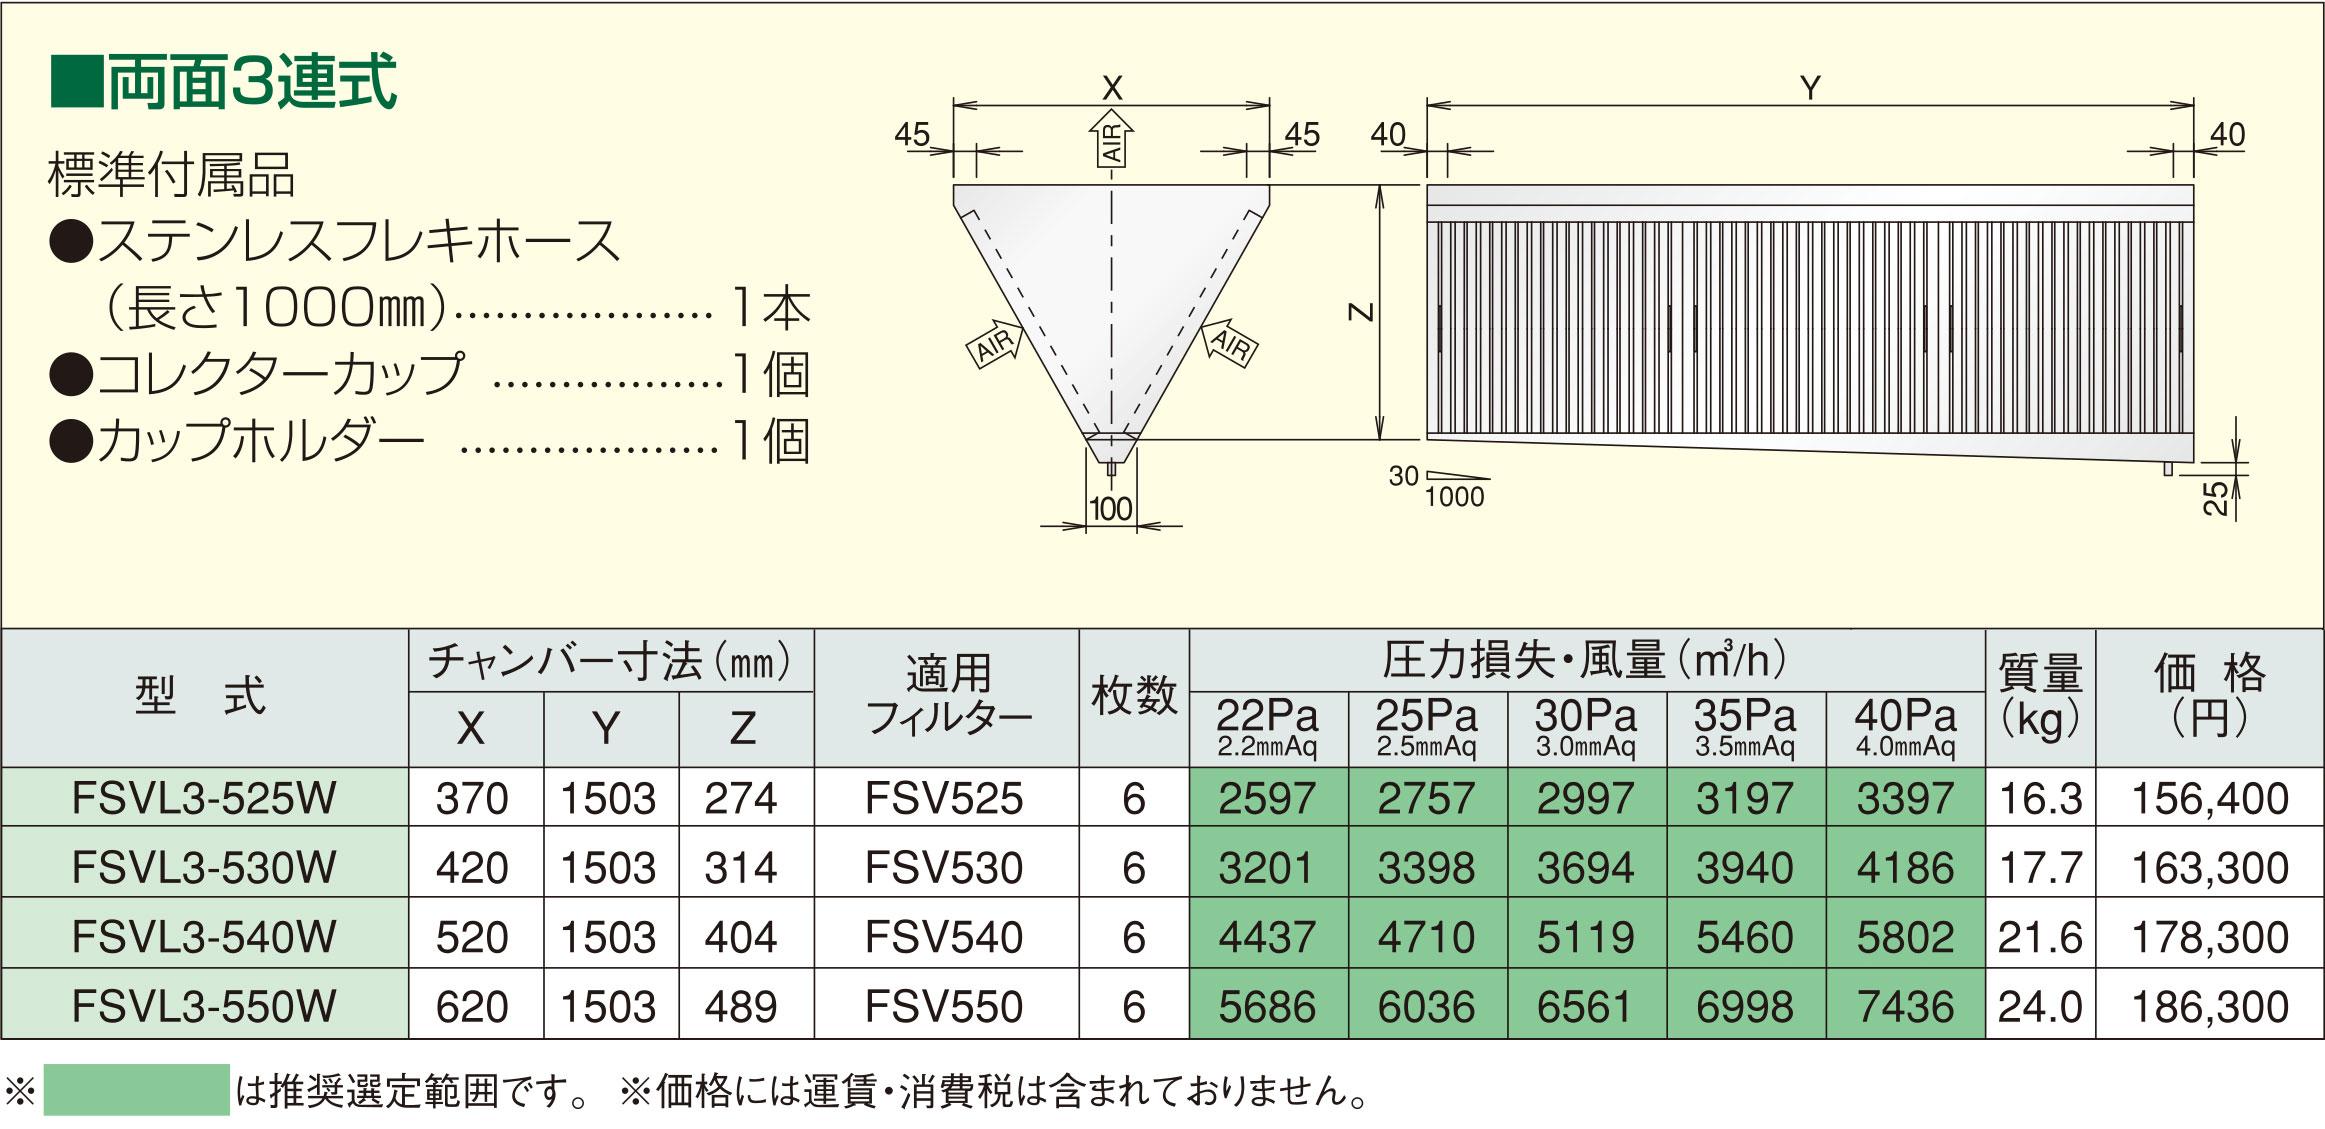 FSVL2-Wシリーズ